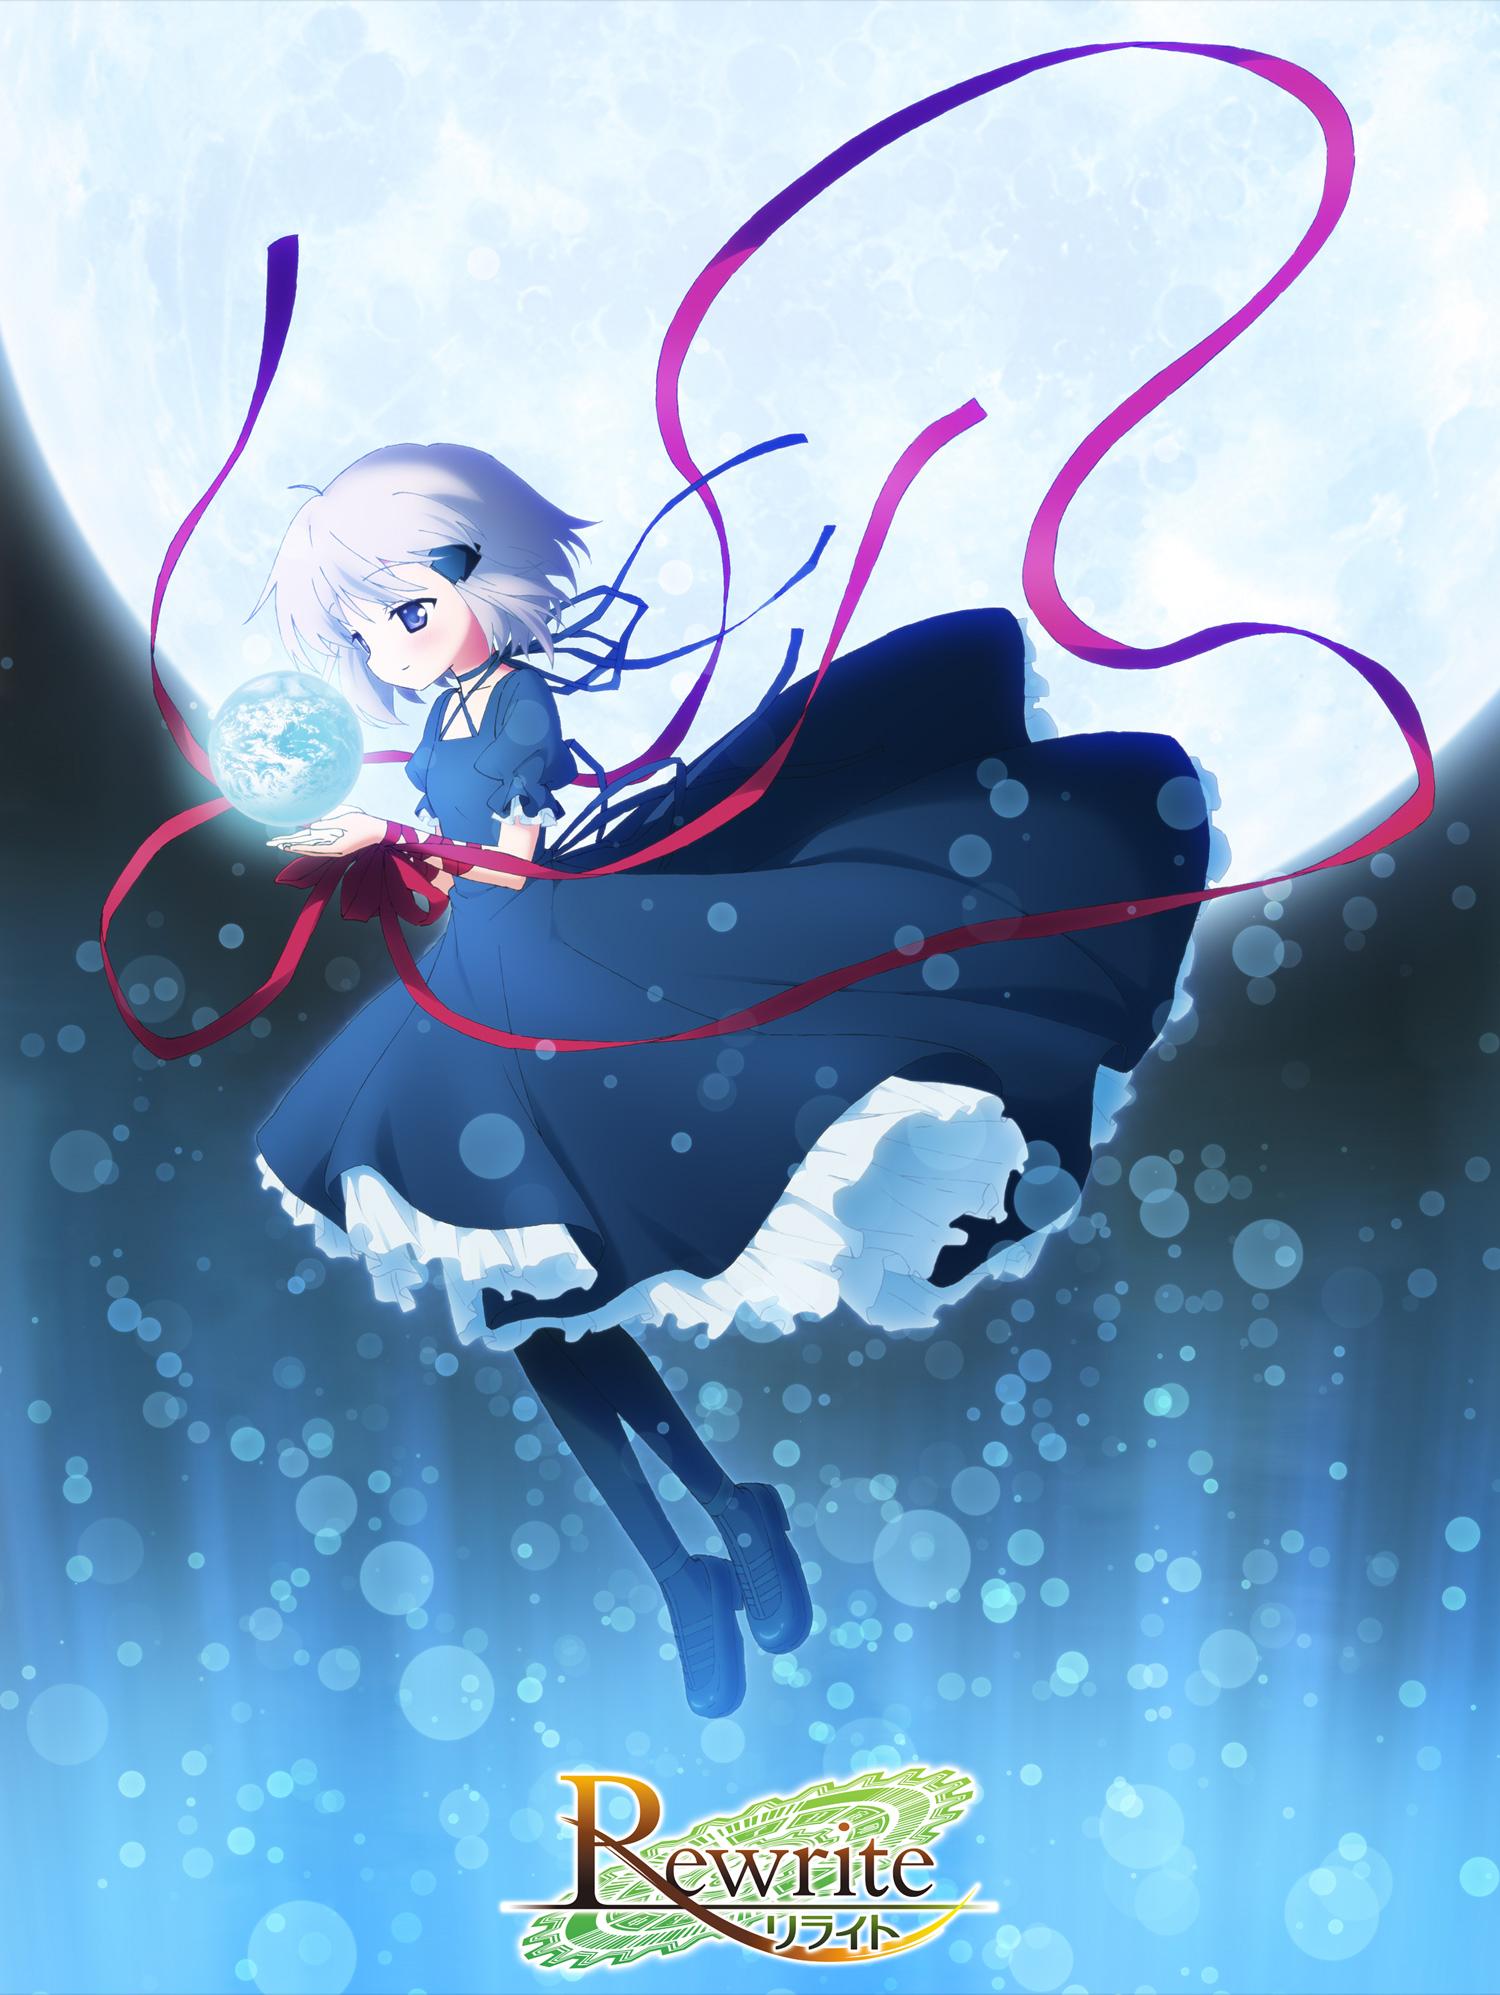 160403 - 夢幻美少女「篝」海報出爐!Key美少女遊戲動畫版《Rewrite》將在7月放送、PV第二彈公開!